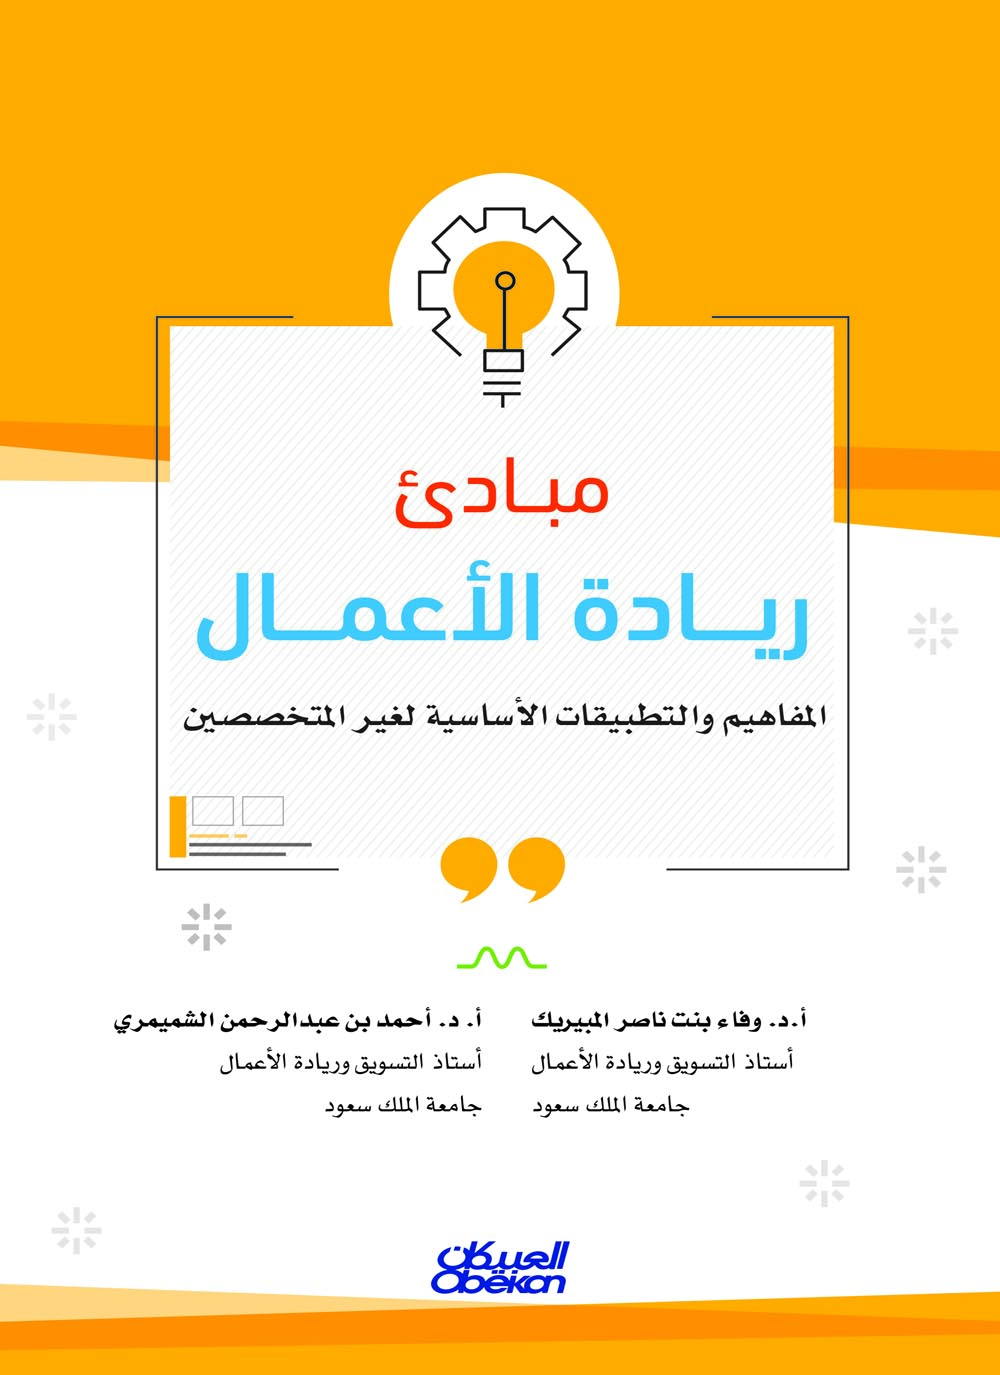 تحميل كتاب خرافة ريادة الاعمال pdf